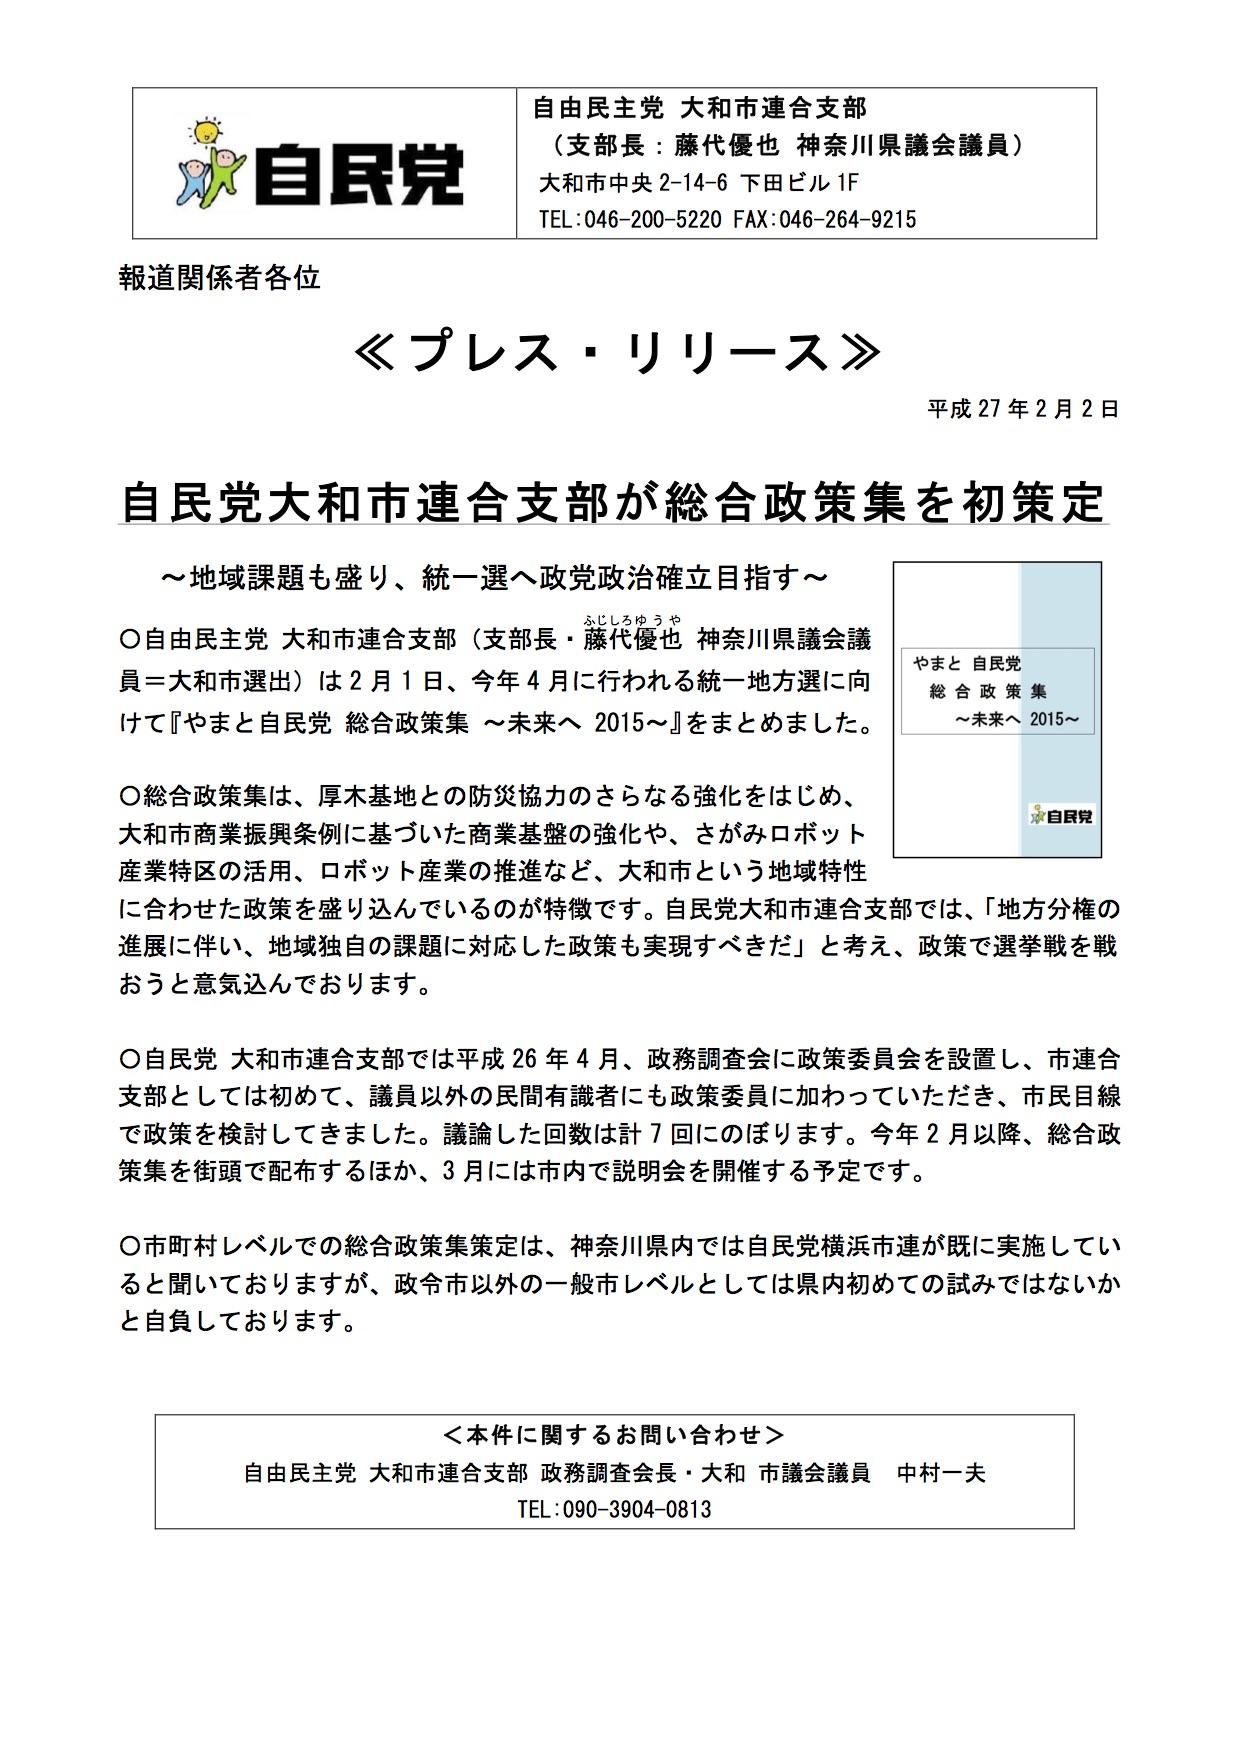 プレスリリース案(自民党市連政策集)